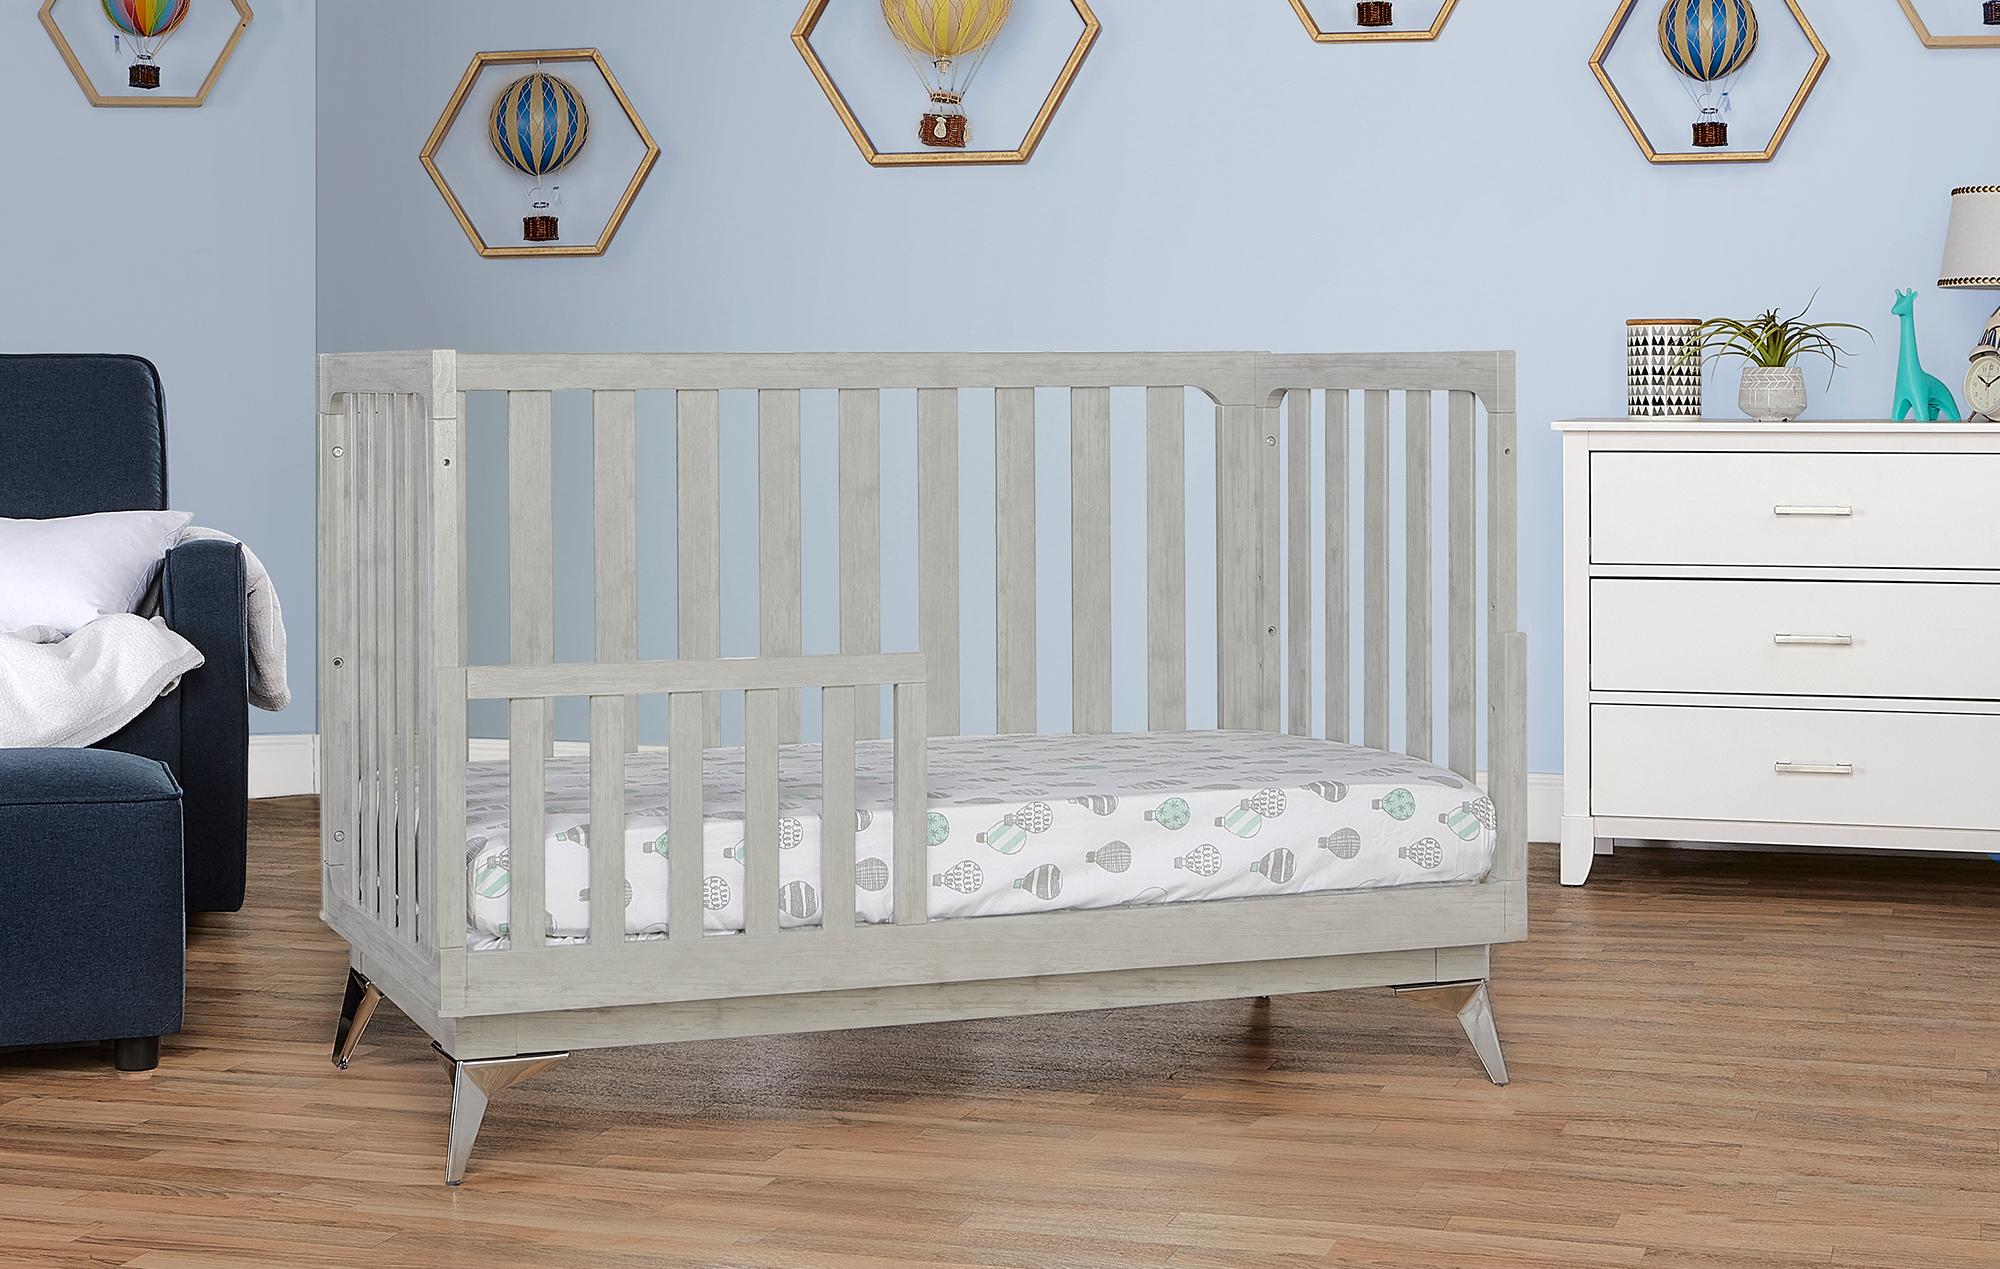 770BR-PG Ultra Modern II Toddler Bed